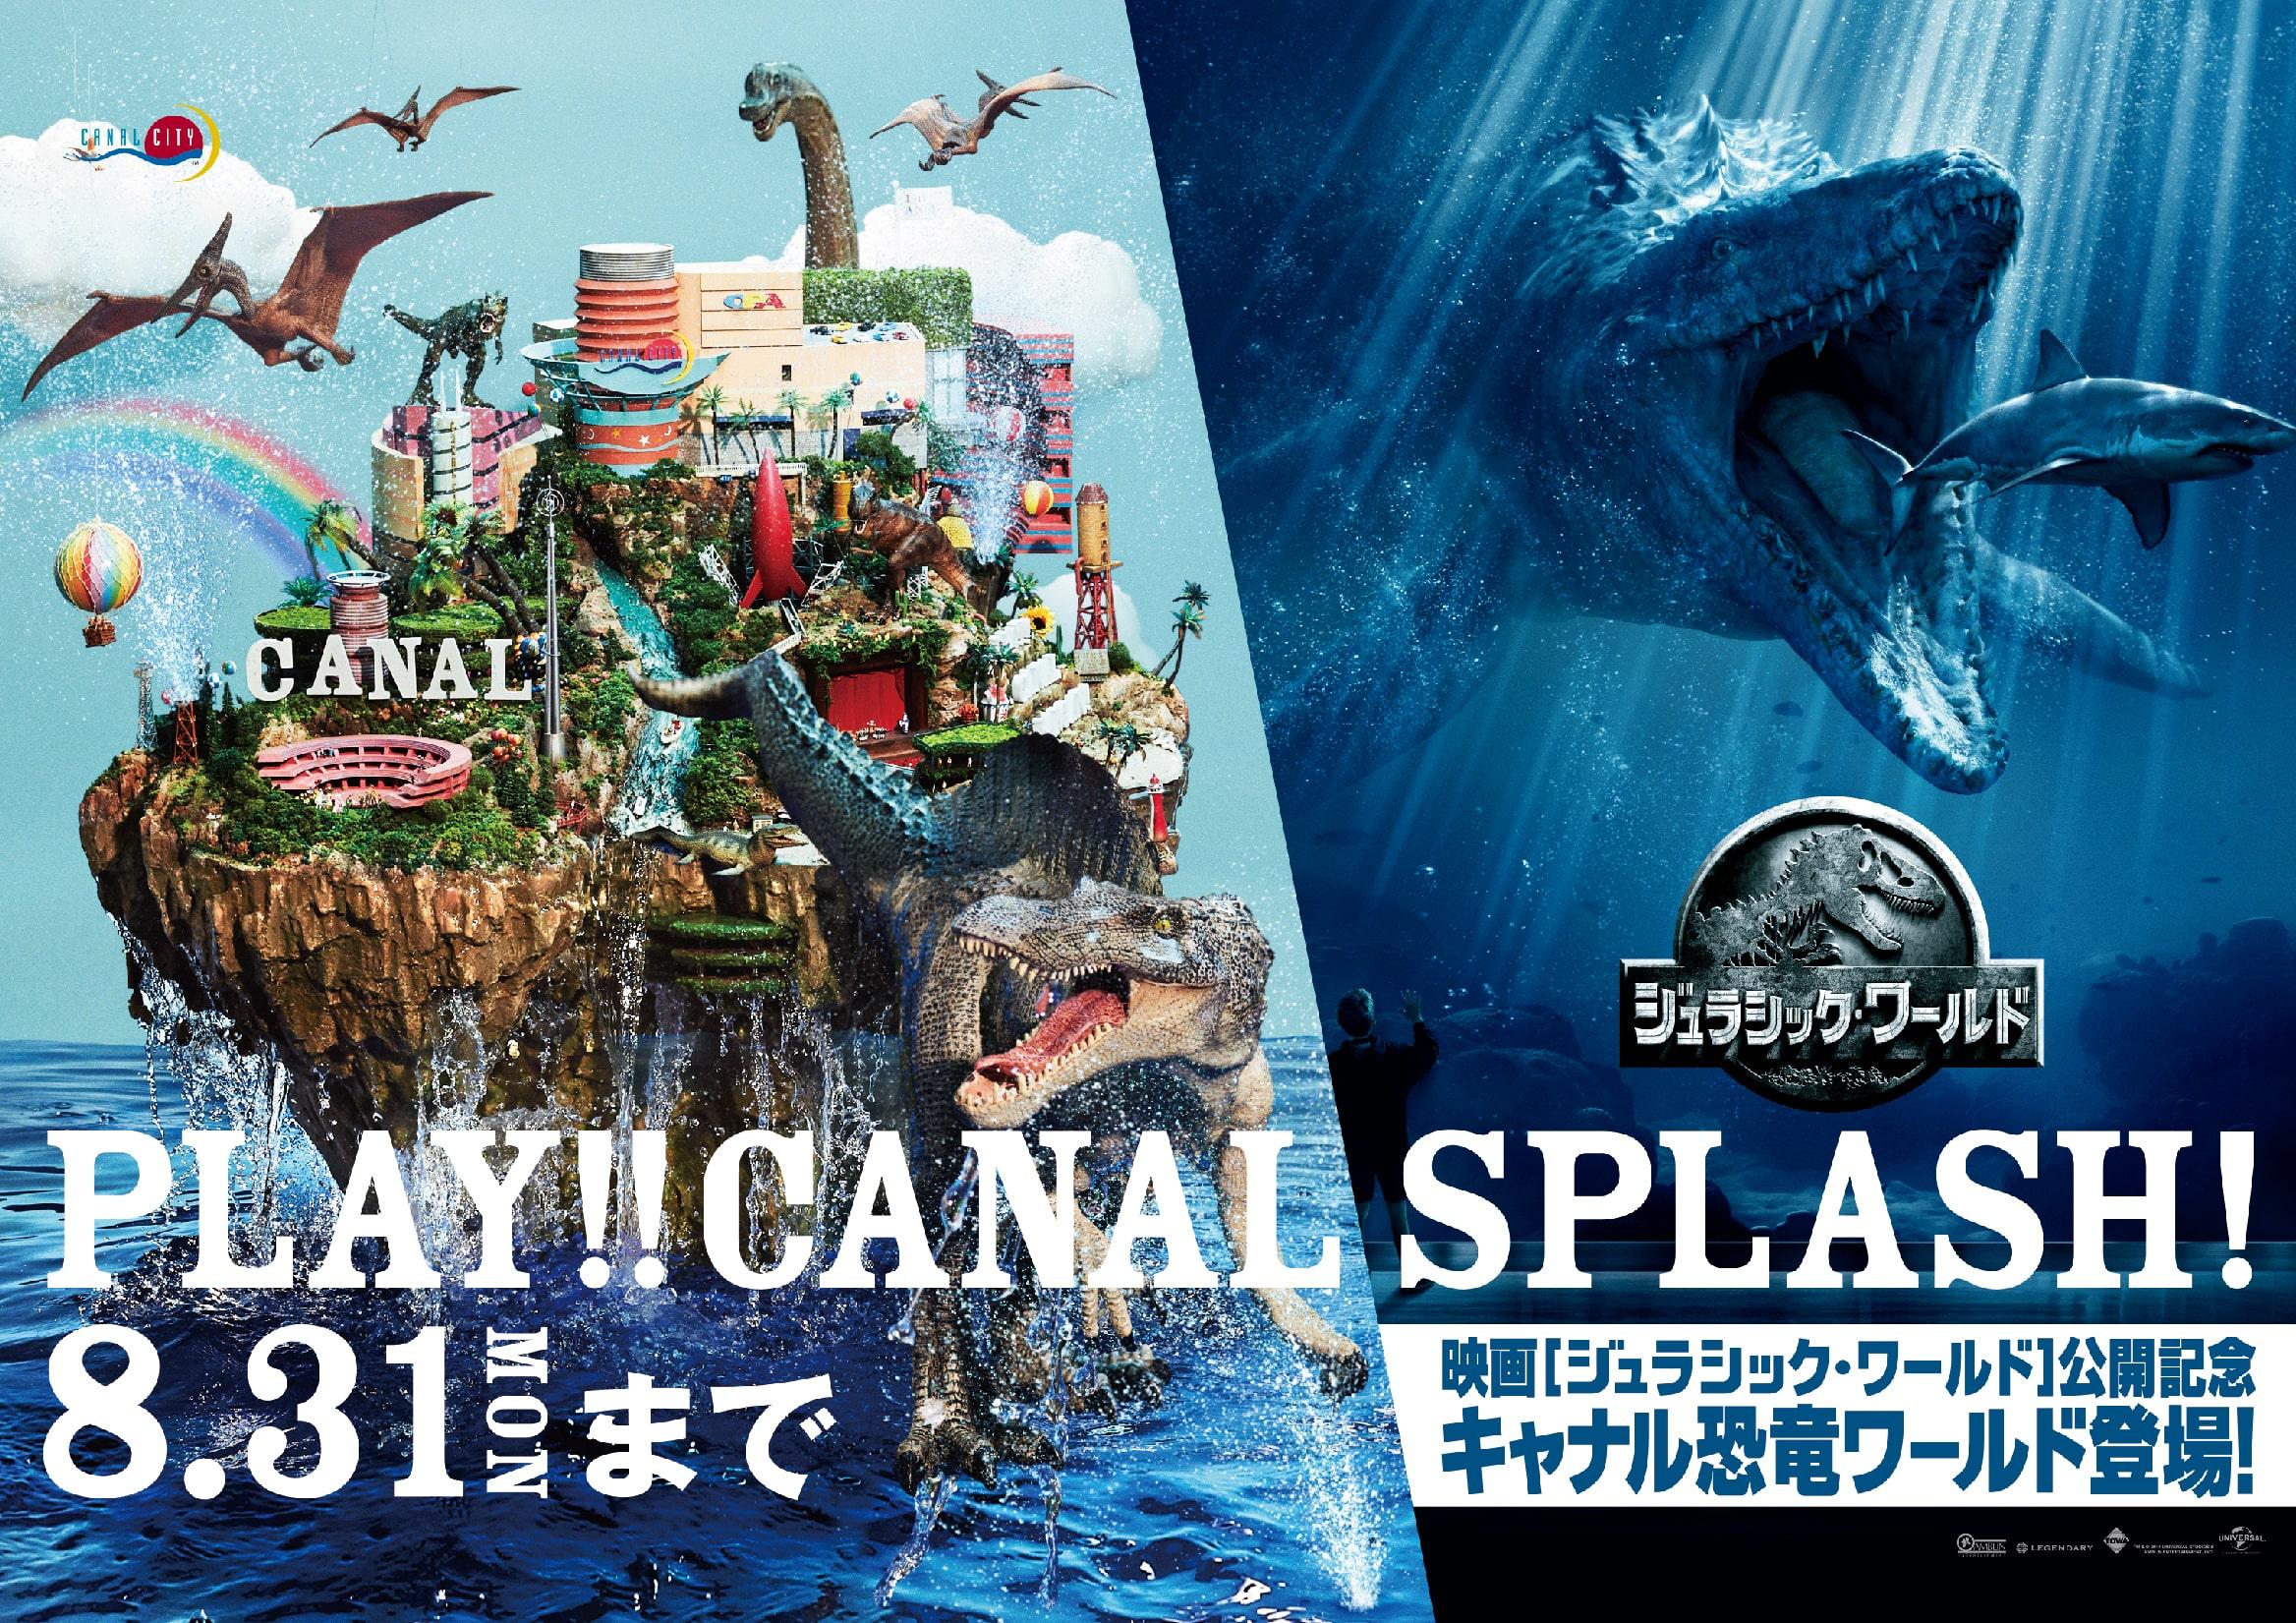 Fukuoka Estate-キャナルシティ映画ジュラシック・ワールド公開記念キャナル恐竜ワールドのポスター